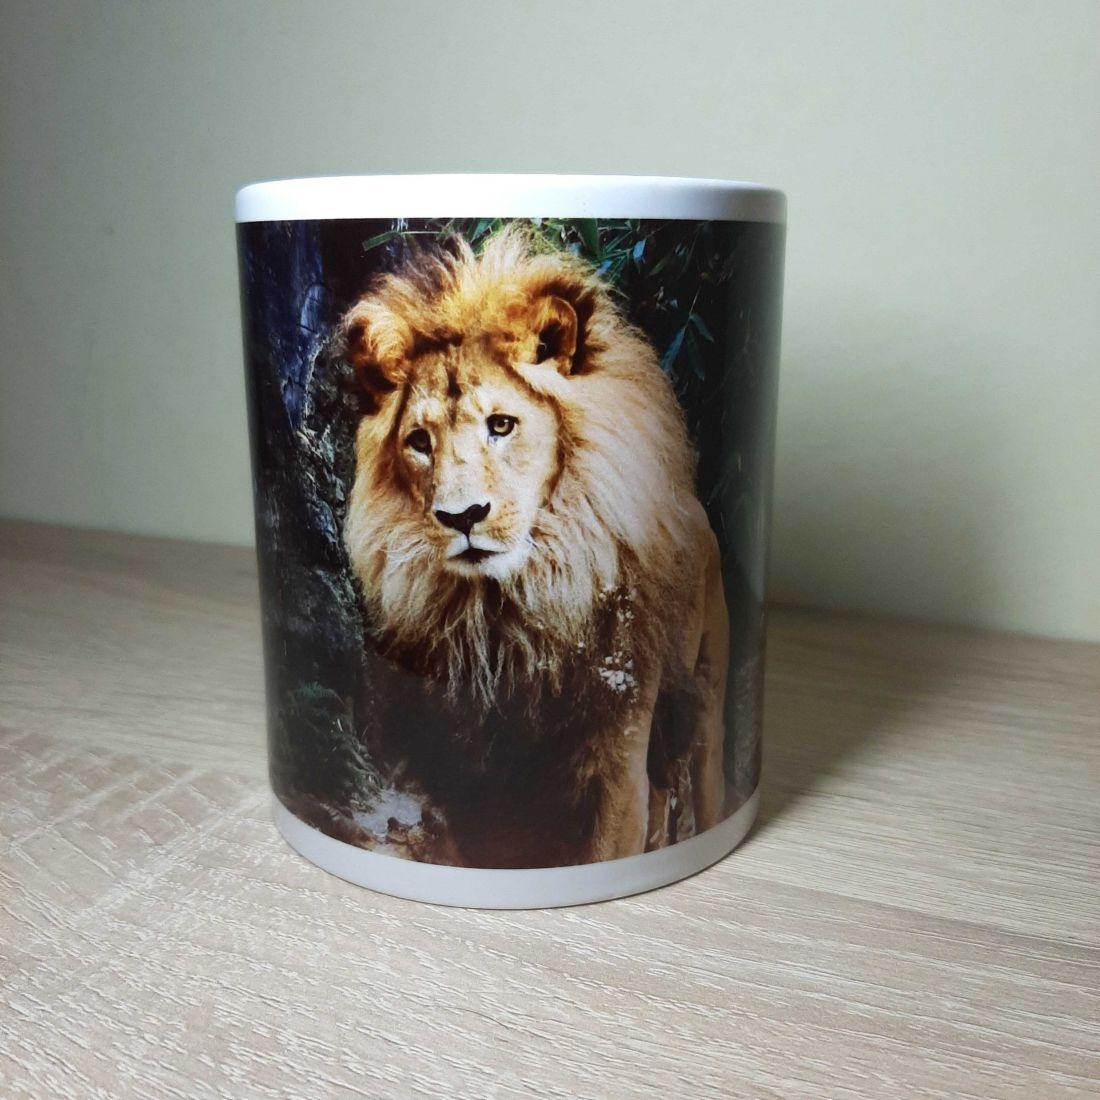 Sűrű erdőben figyelő oroszlános bögre